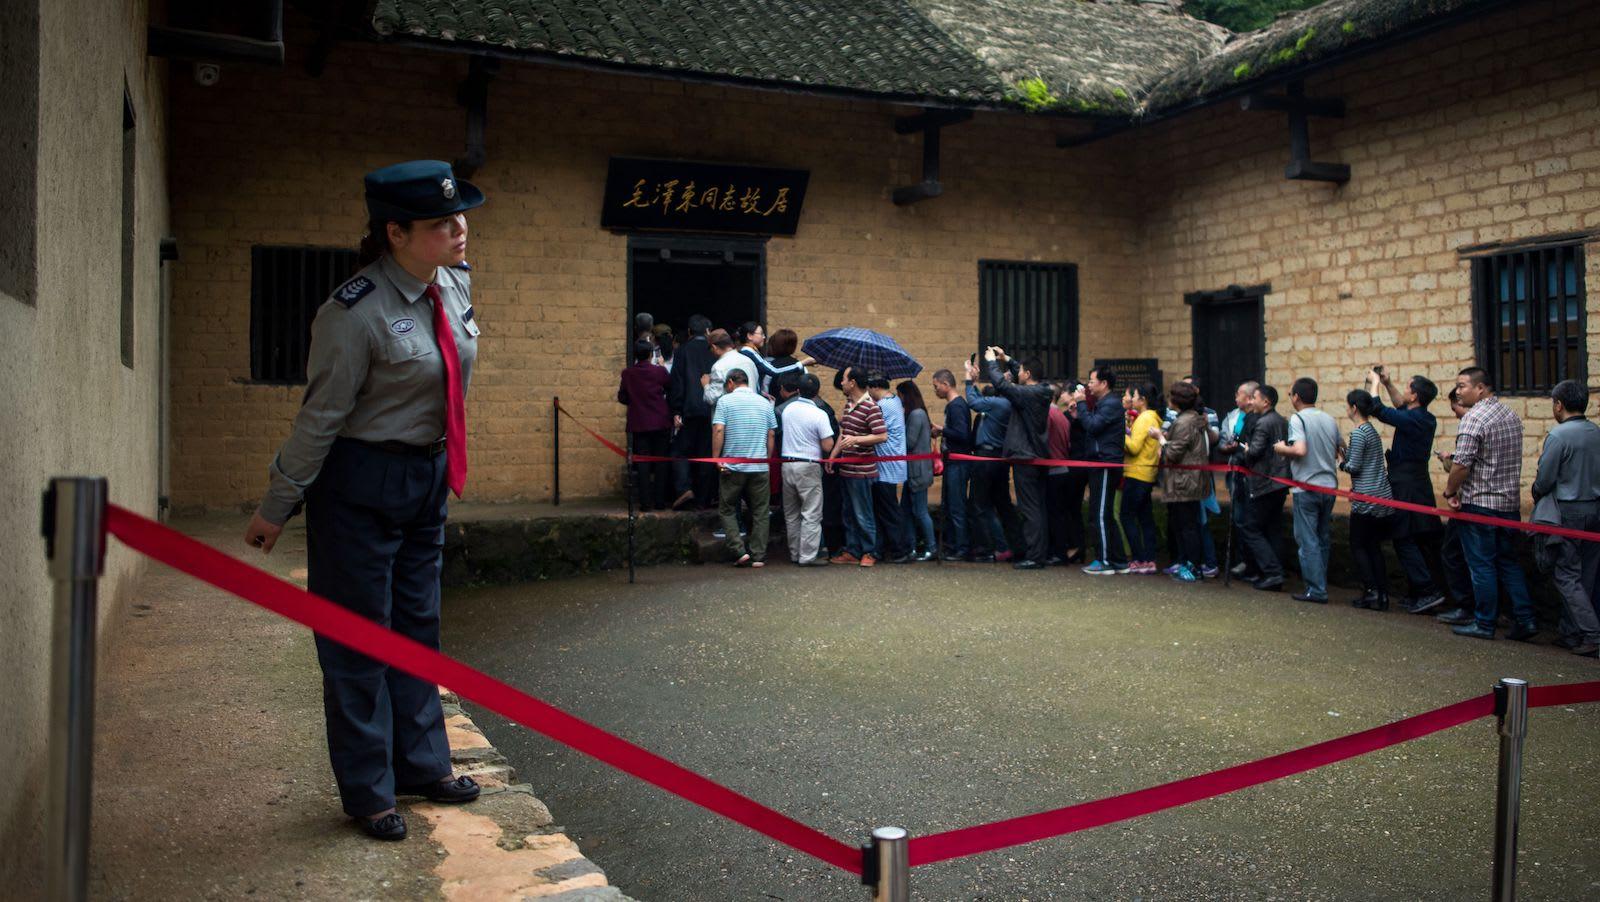 السياحة الحمراء في الصين